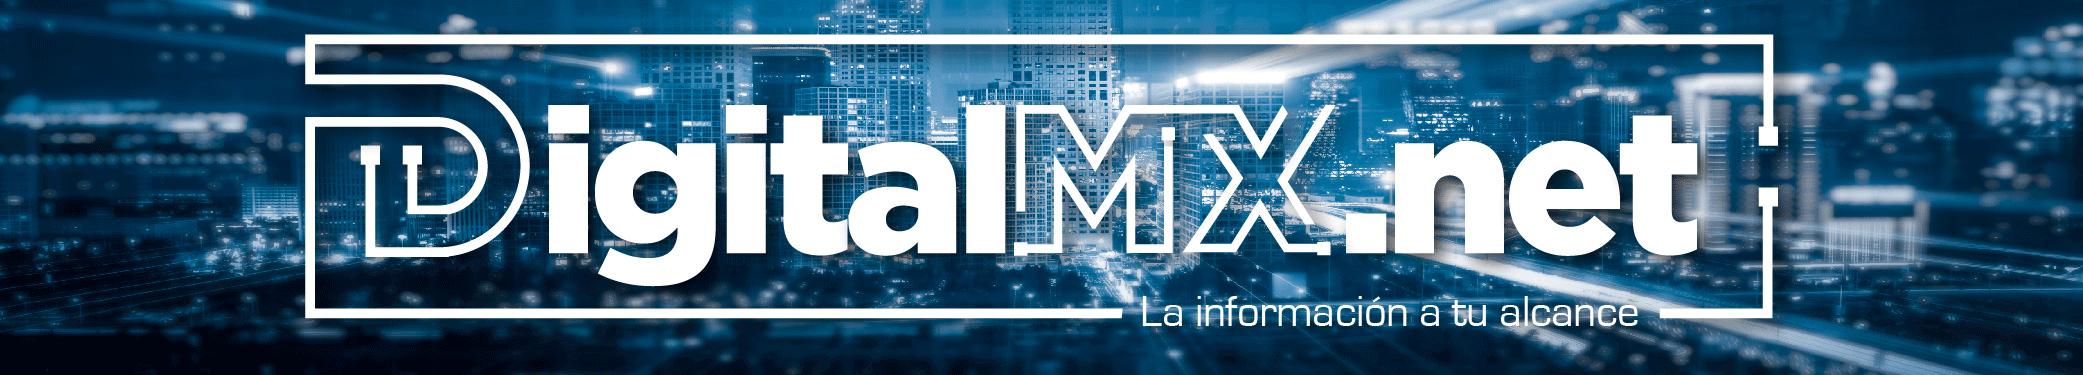 digitalmx.net